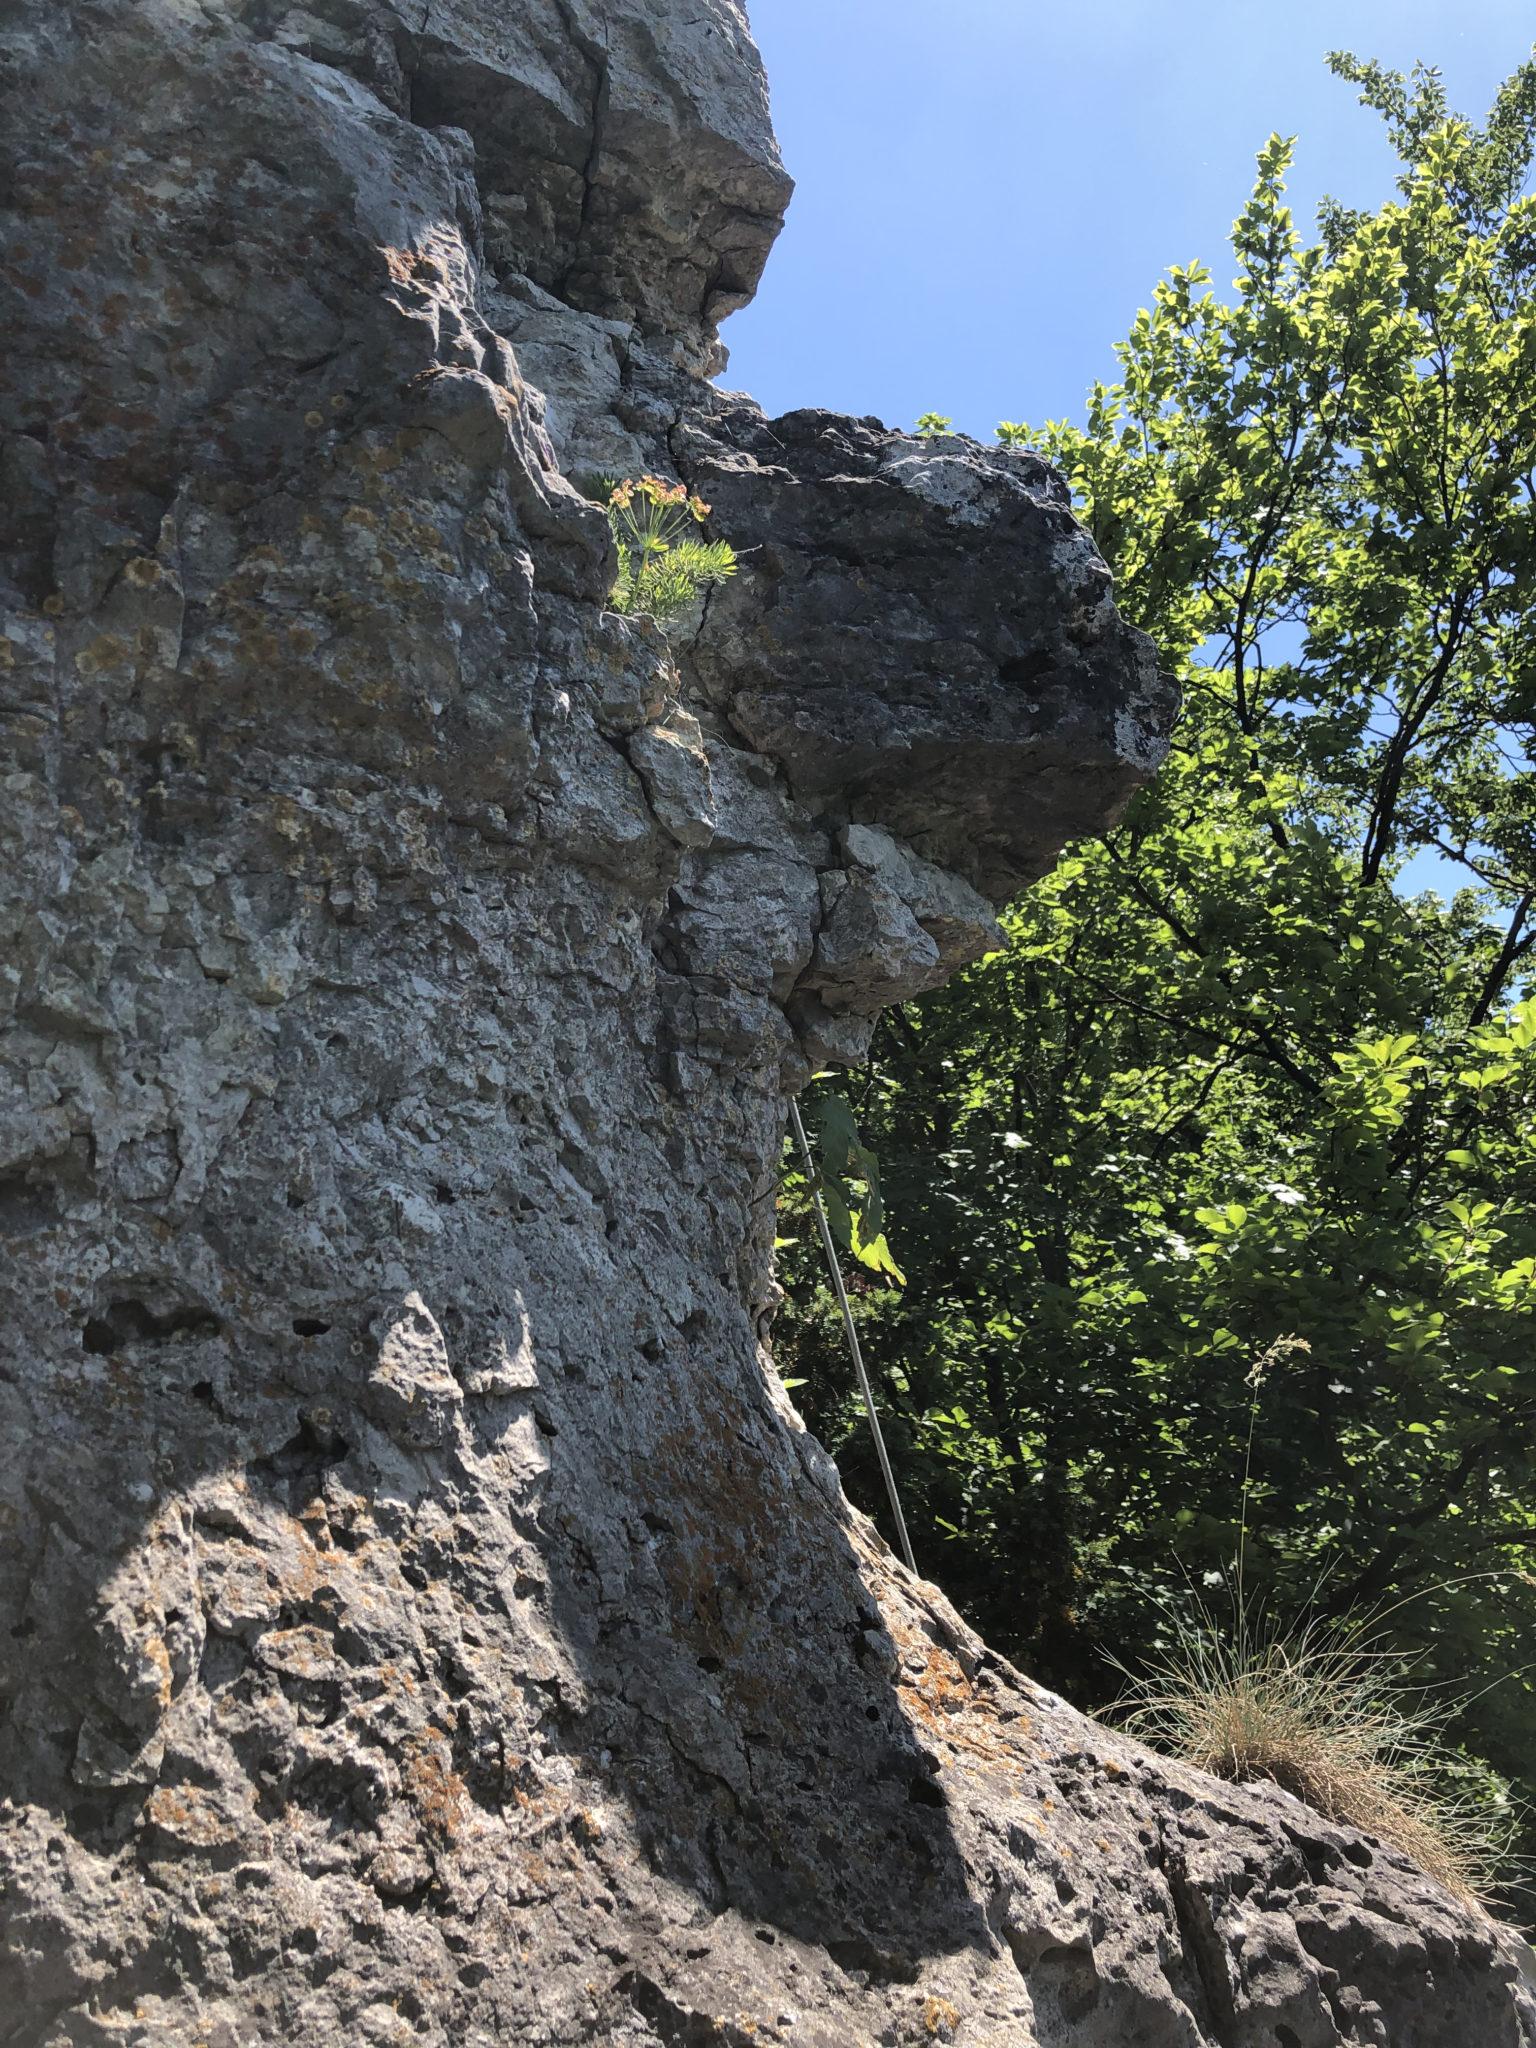 Das Bild zeigt einen losen Fels im Ausstieg der Bürgermeisterin am Balkenstein